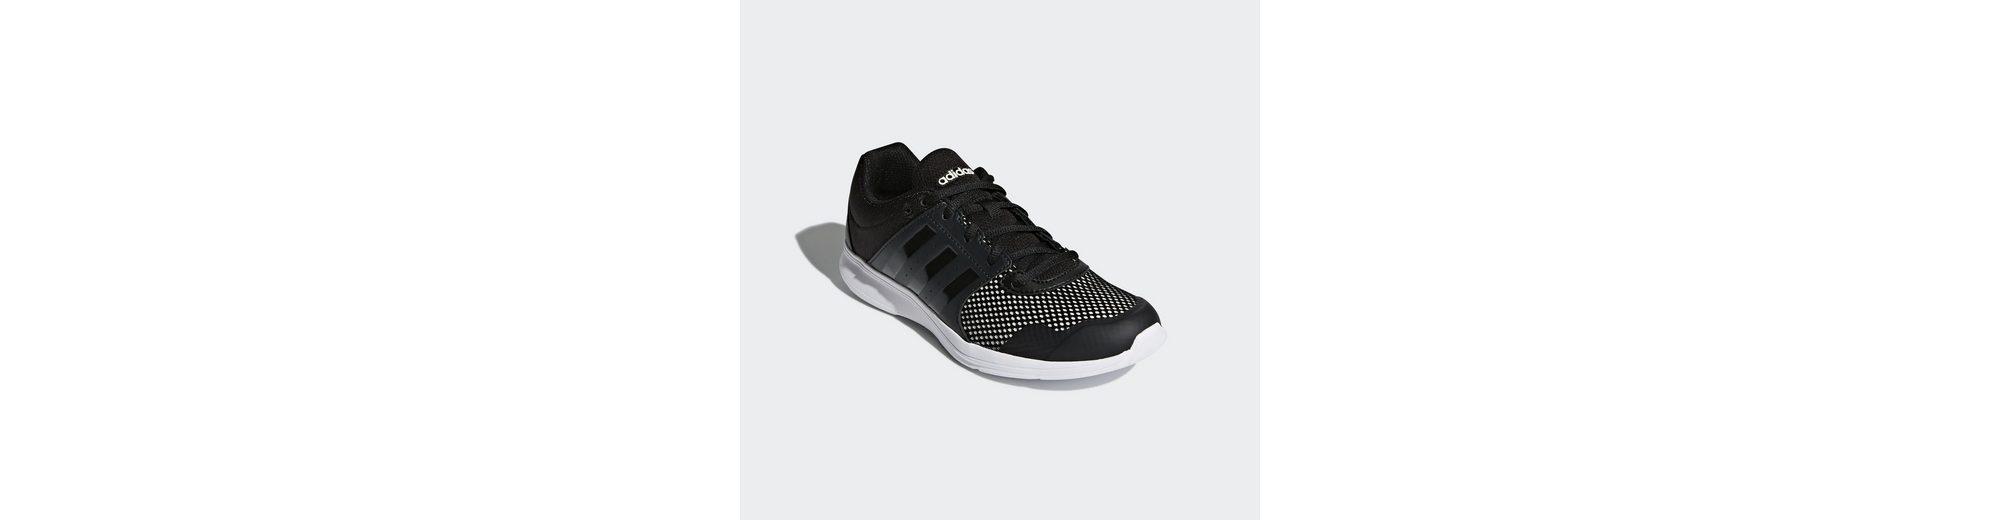 Günstig Kaufen Exklusiv Modestil adidas Performance Essential Fun 2.0 Schuh Trainingsschuh Neue Stile Online Frei Versendende Qualität Niedriger Preis Y9fW9Z